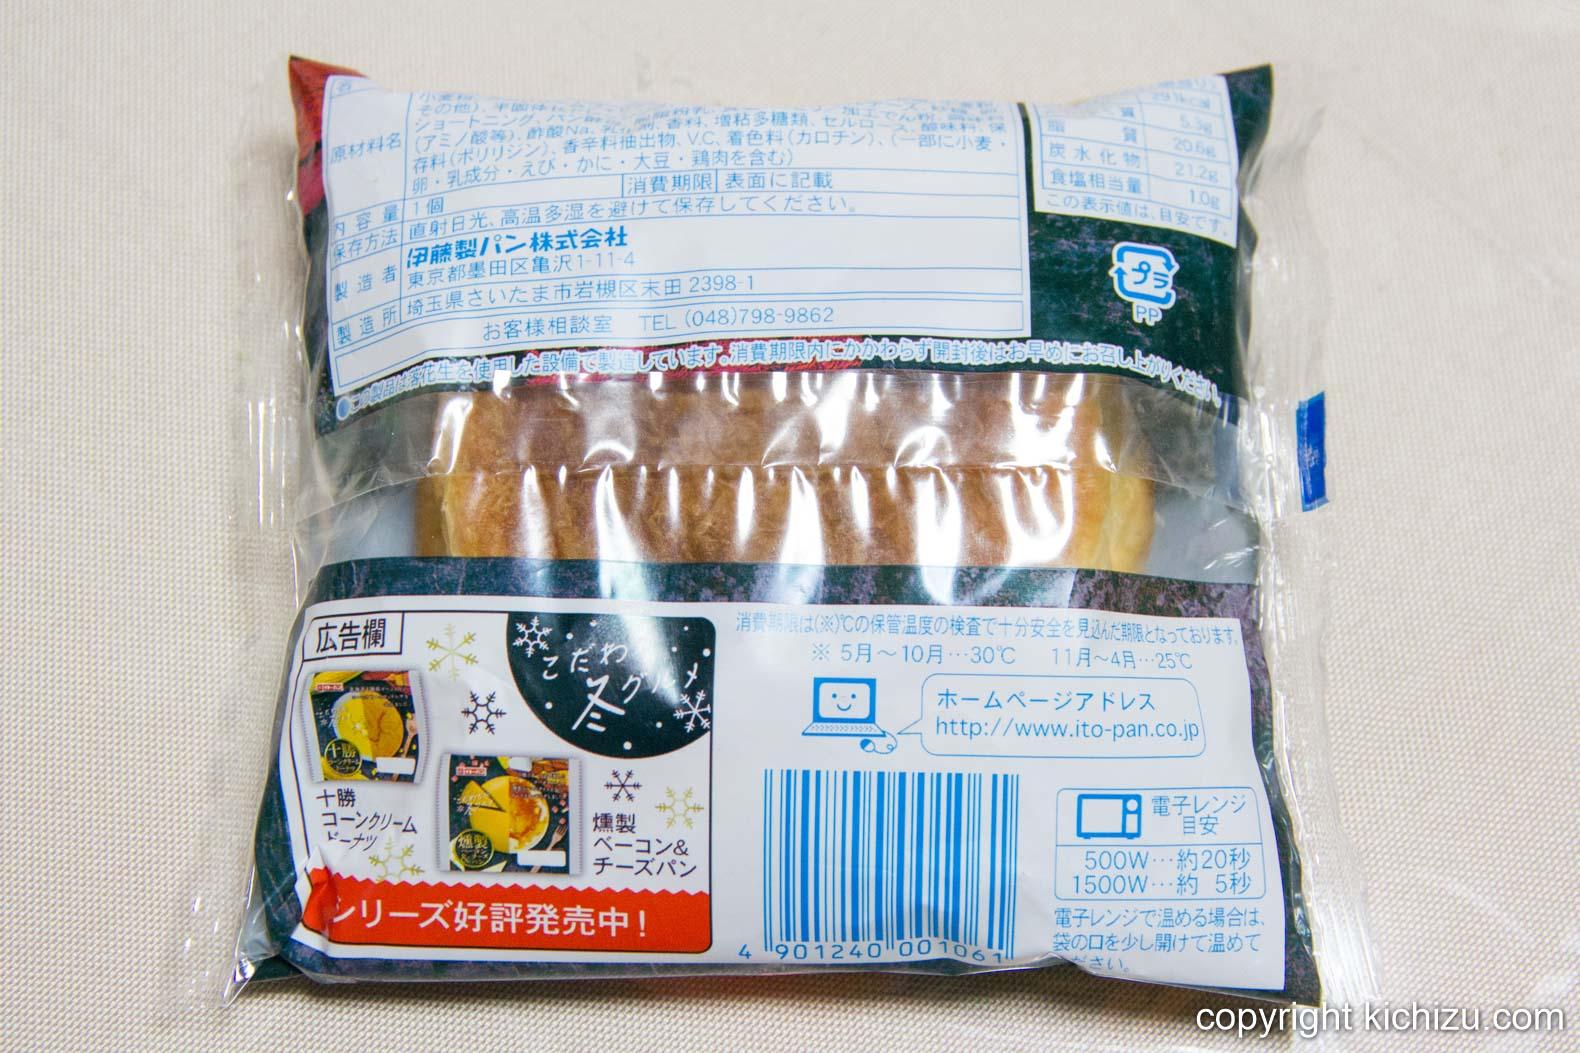 イトーパン 紅ずわい蟹クリームデニッシュのパッケージ裏